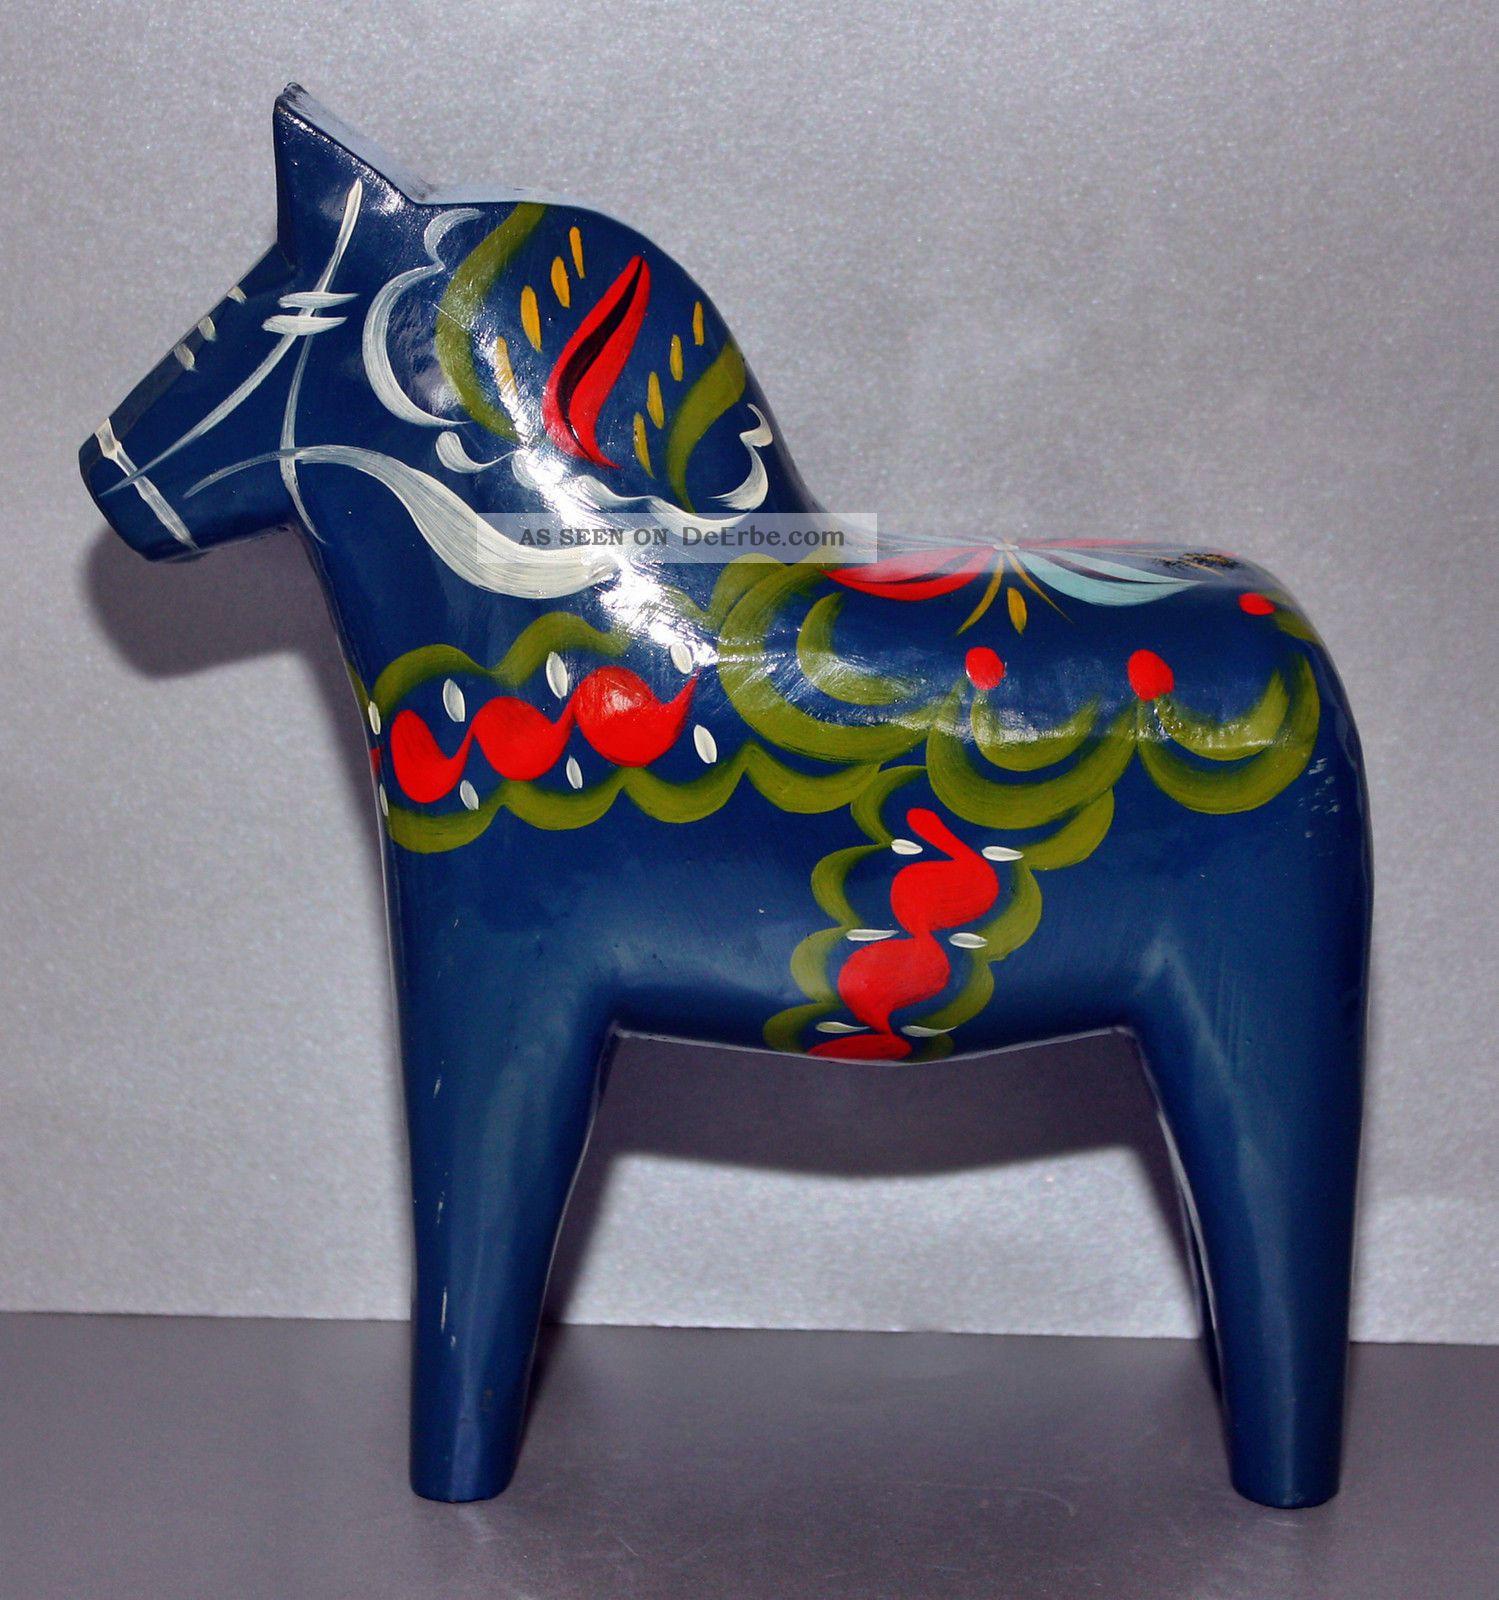 Dalarna Pferd holz beinarbeiten holzarbeiten antiquitäten